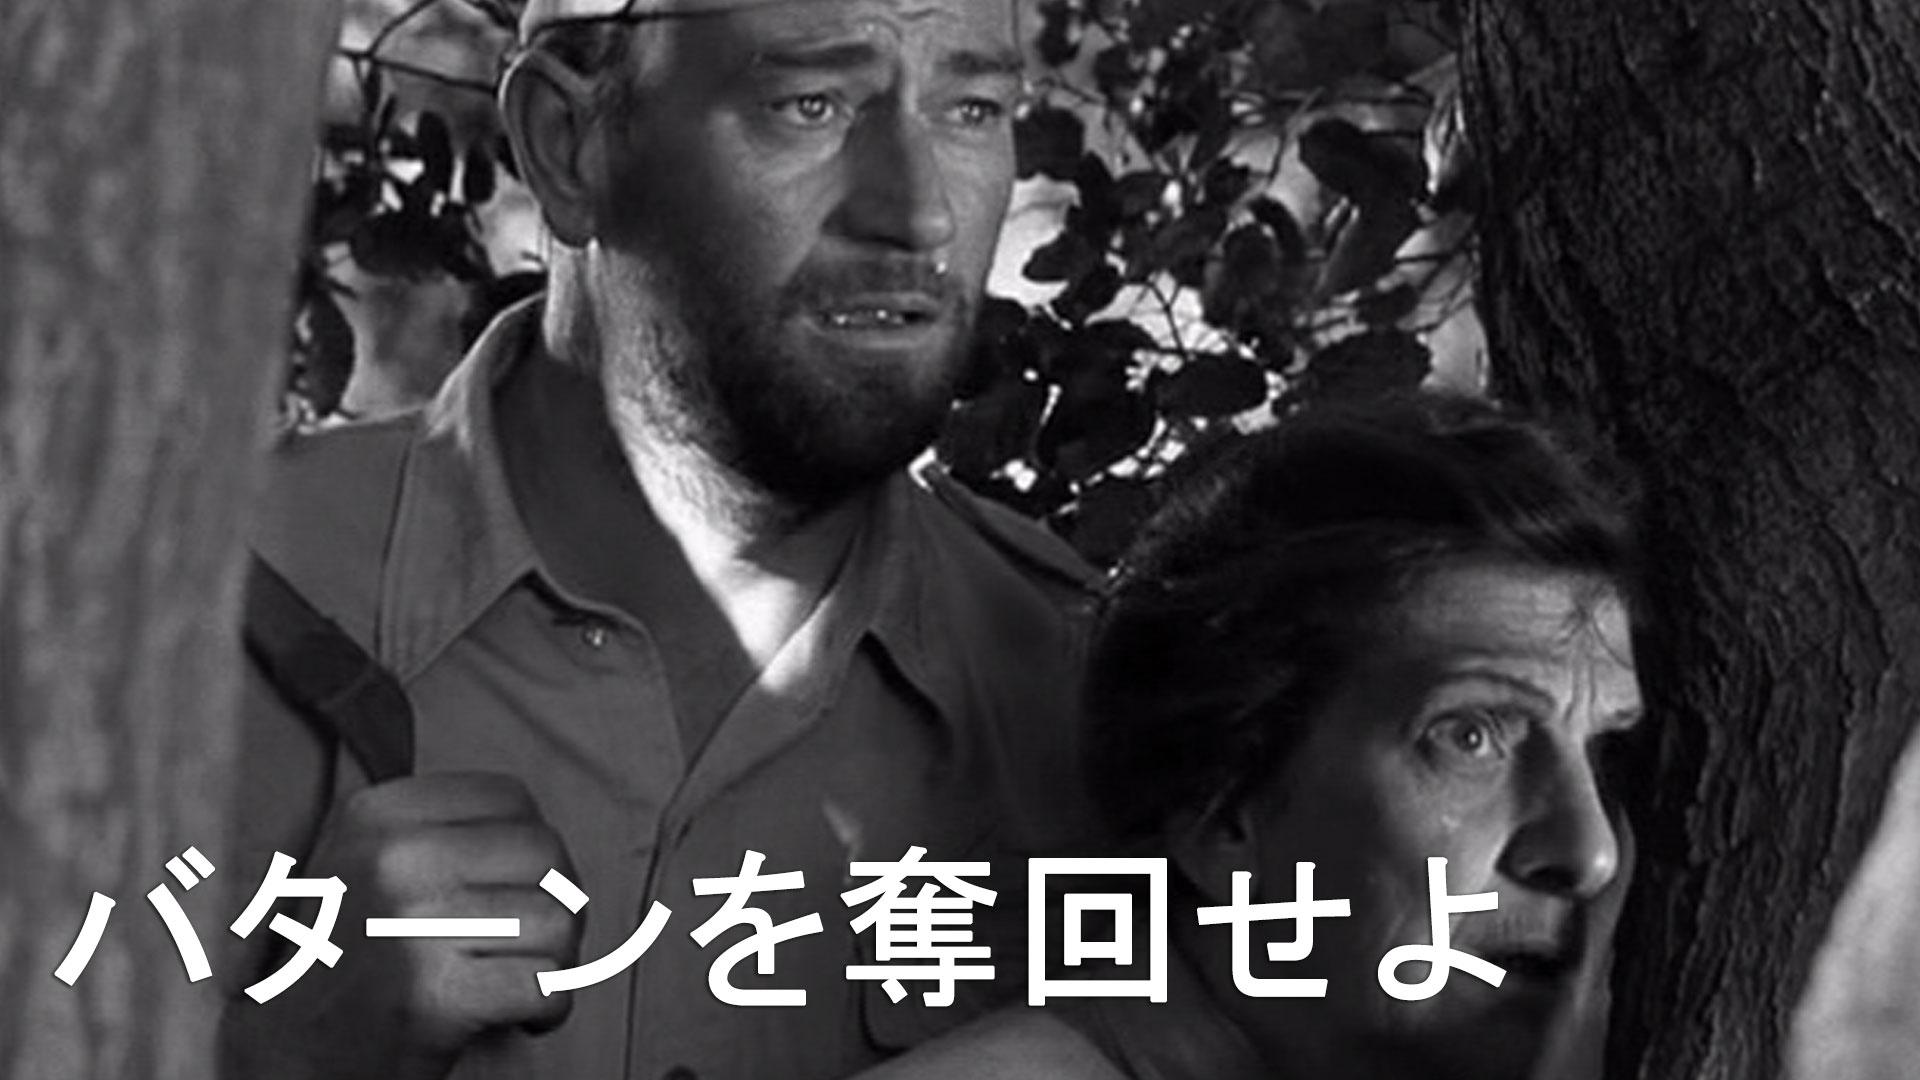 バターンを奪回せよ(字幕版)